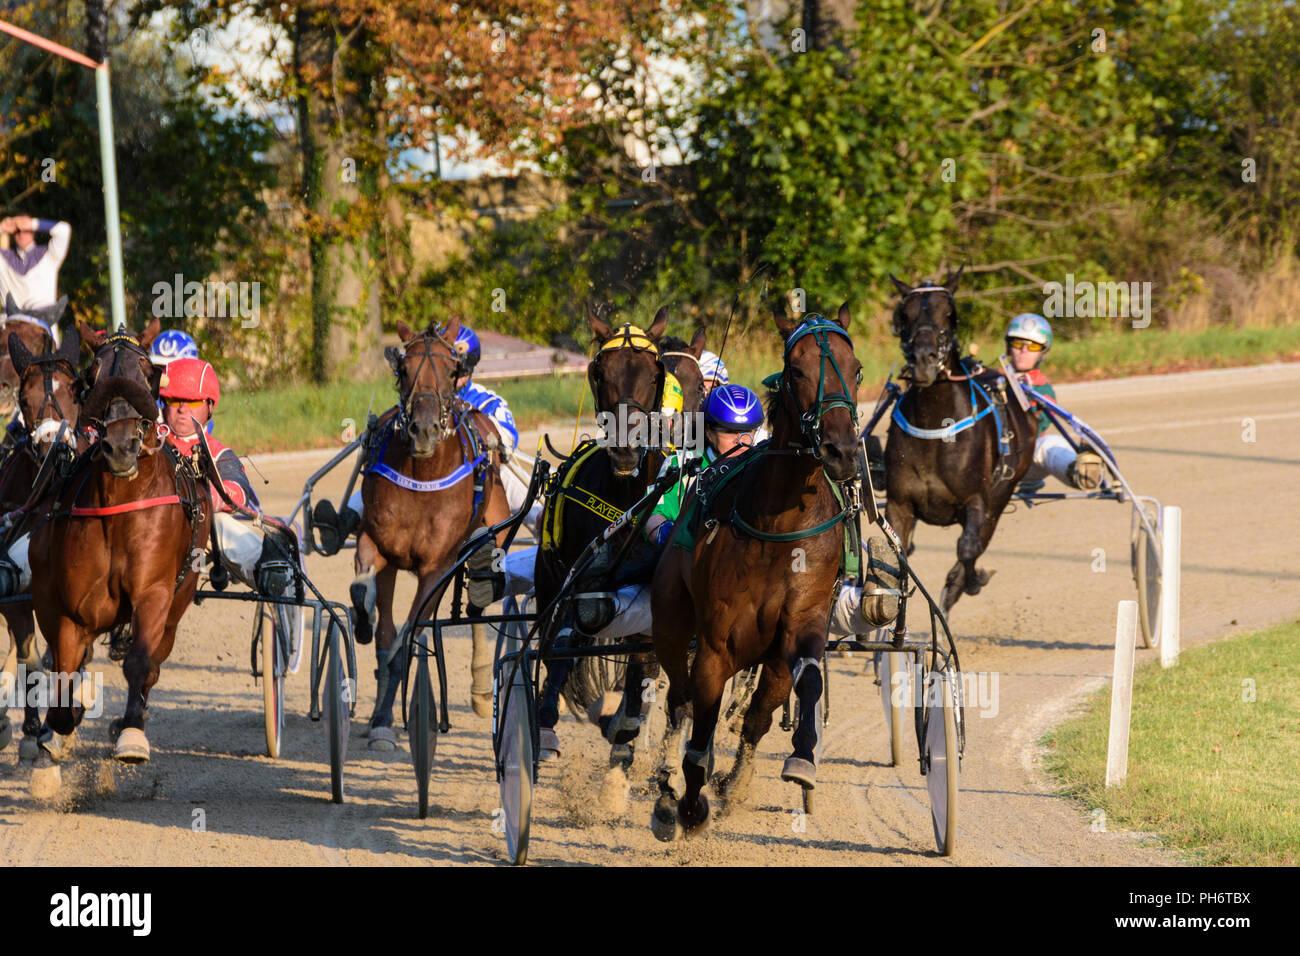 Baden Trabrennbahn Traber Harness Racing Wienerwald Vienna